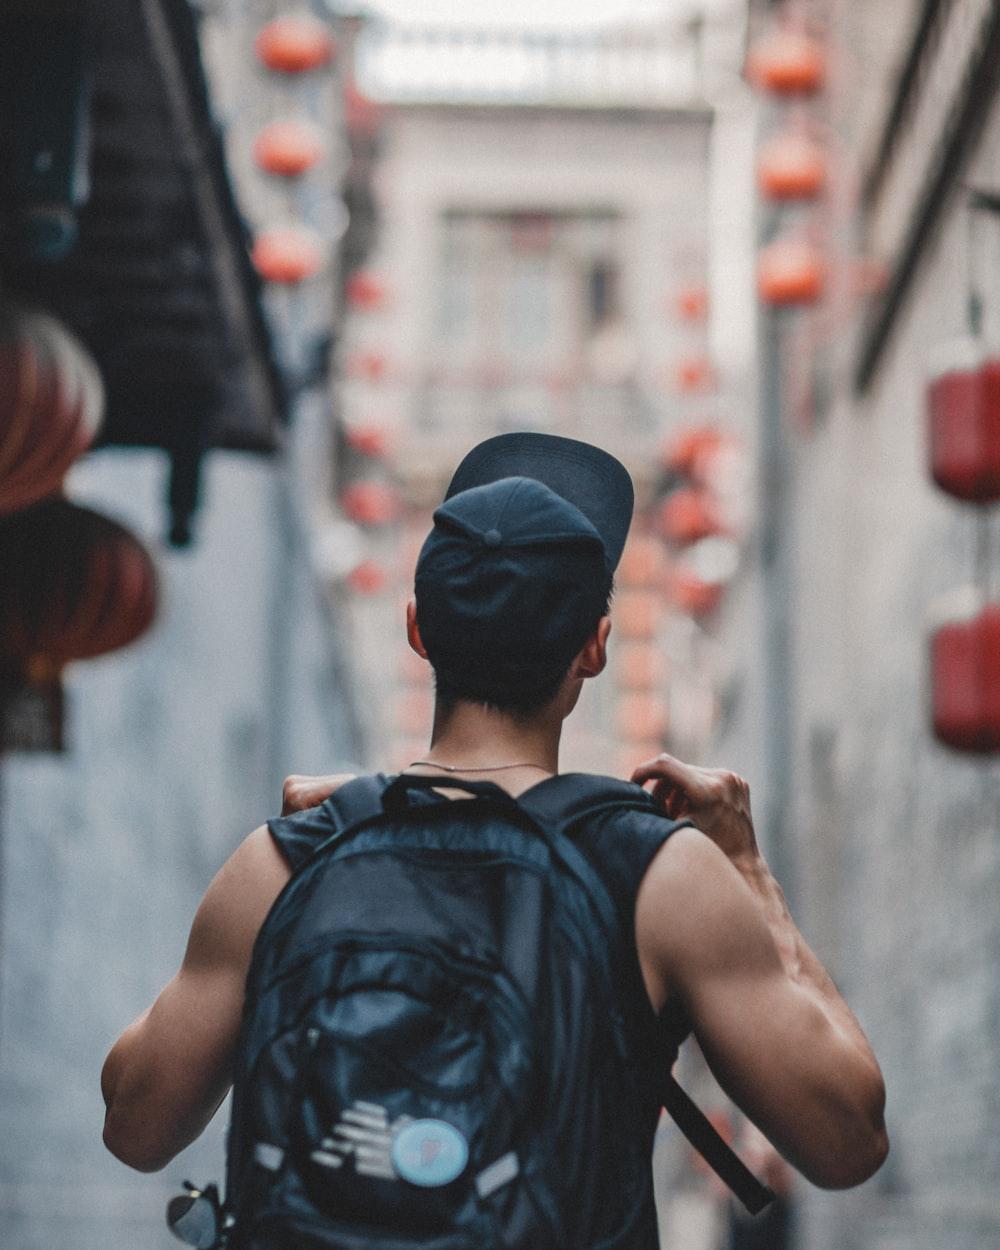 man holding black backpack